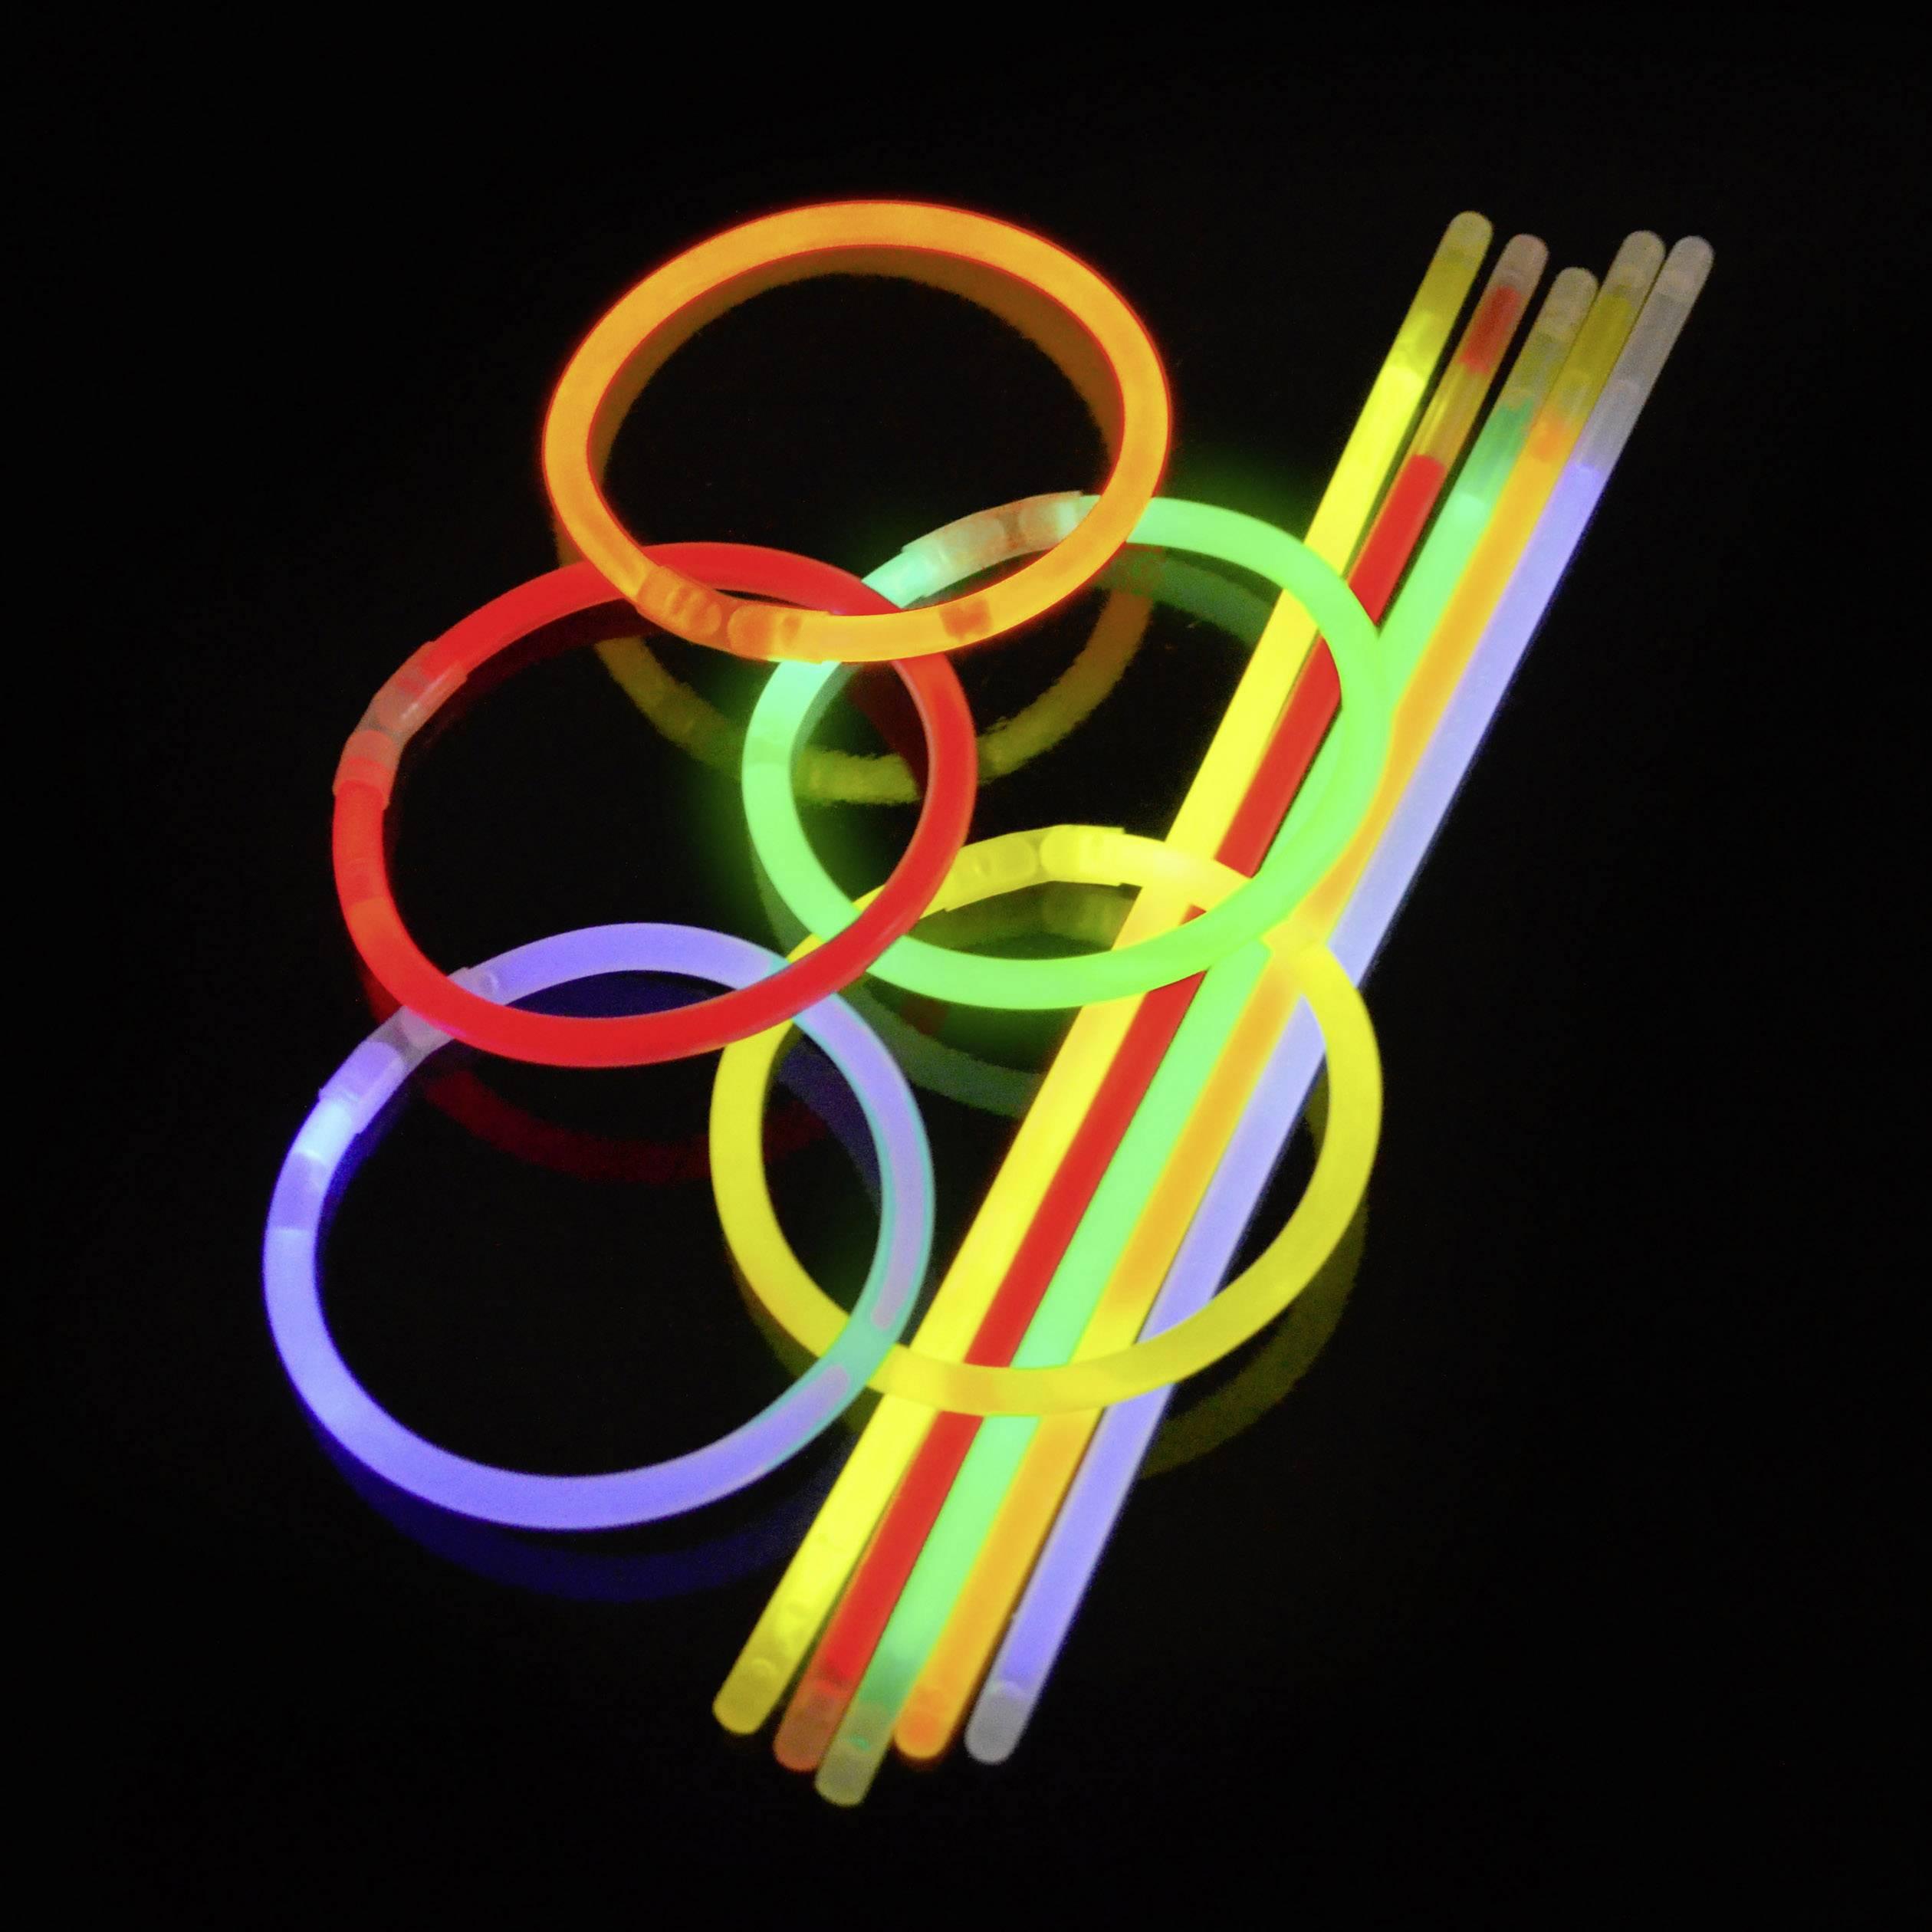 Sada svíticích tyčinek Snappy 701040, 20 cm, 25dílná, barevná